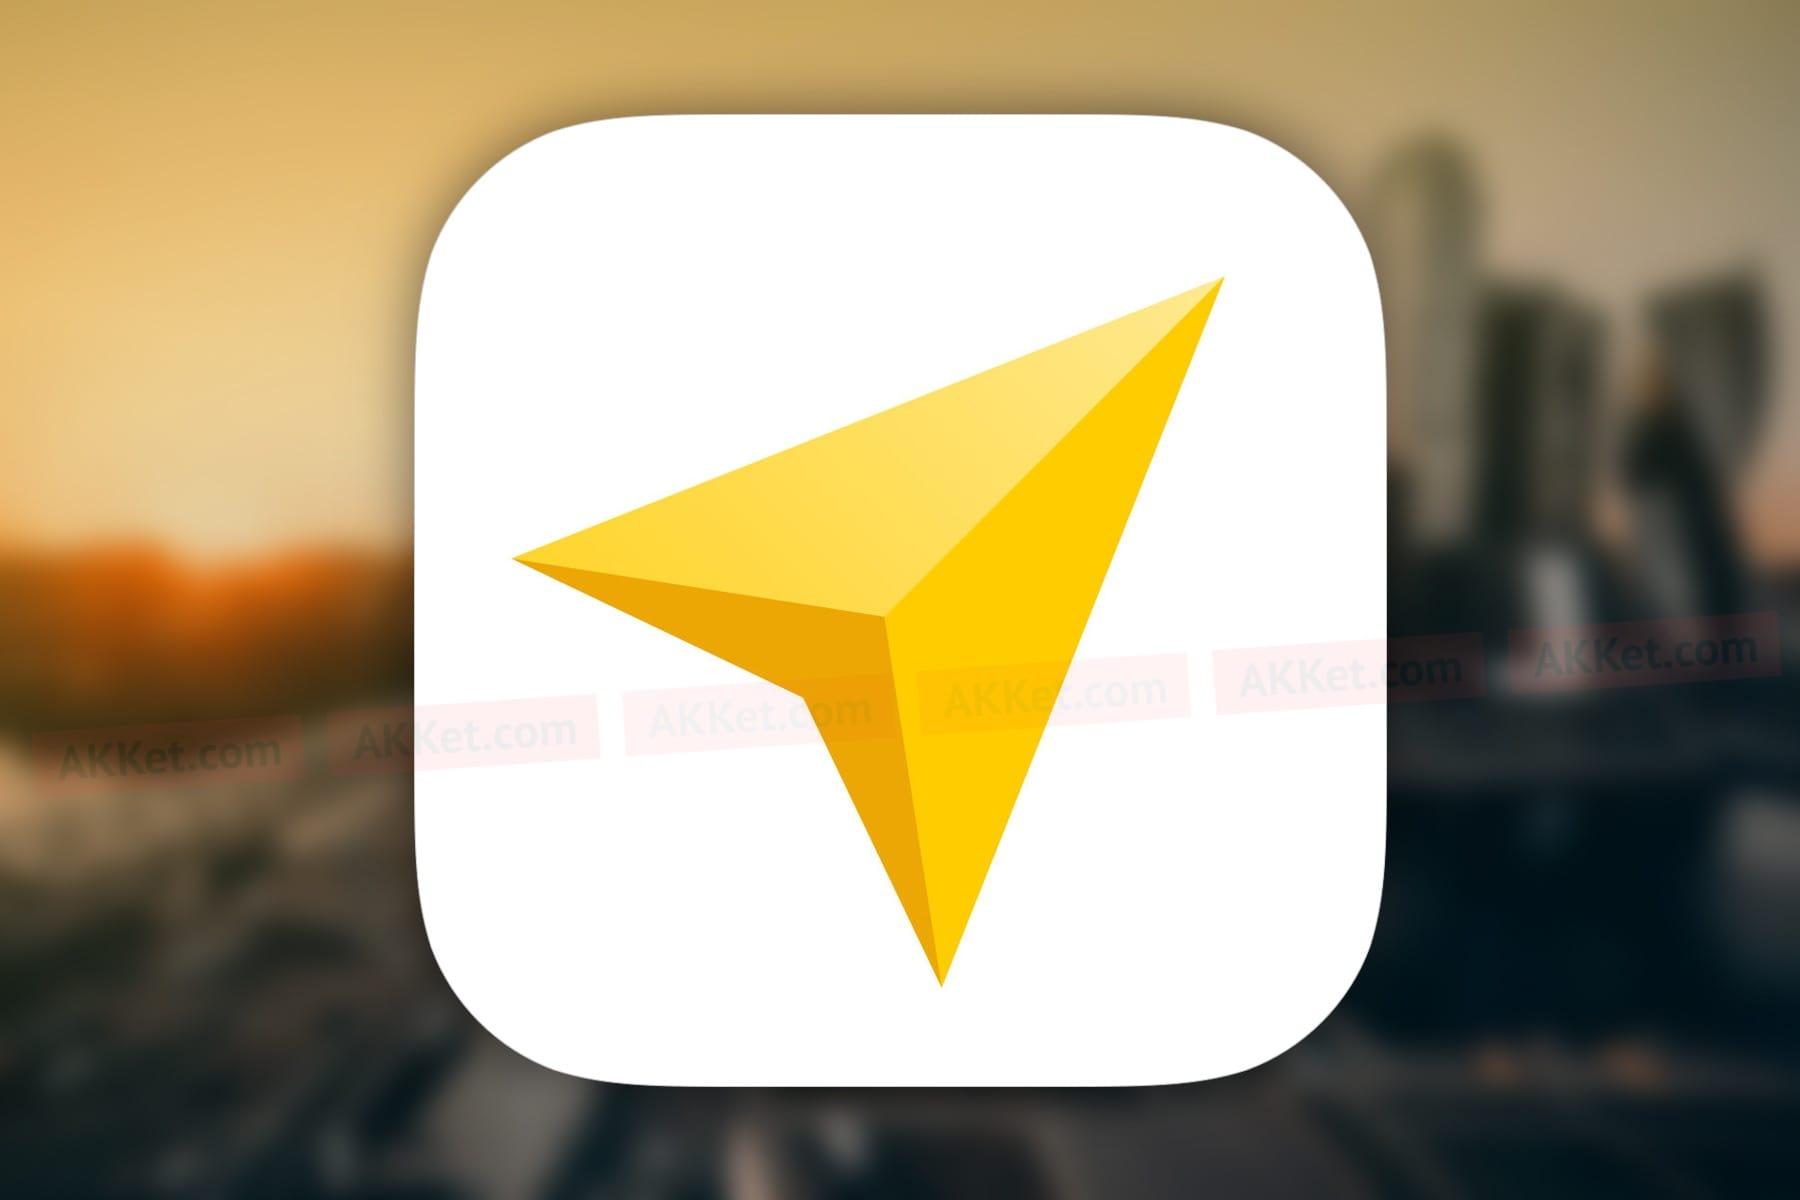 Яндекс навигатор, как установить и пользоваться. Отзывы, решение.